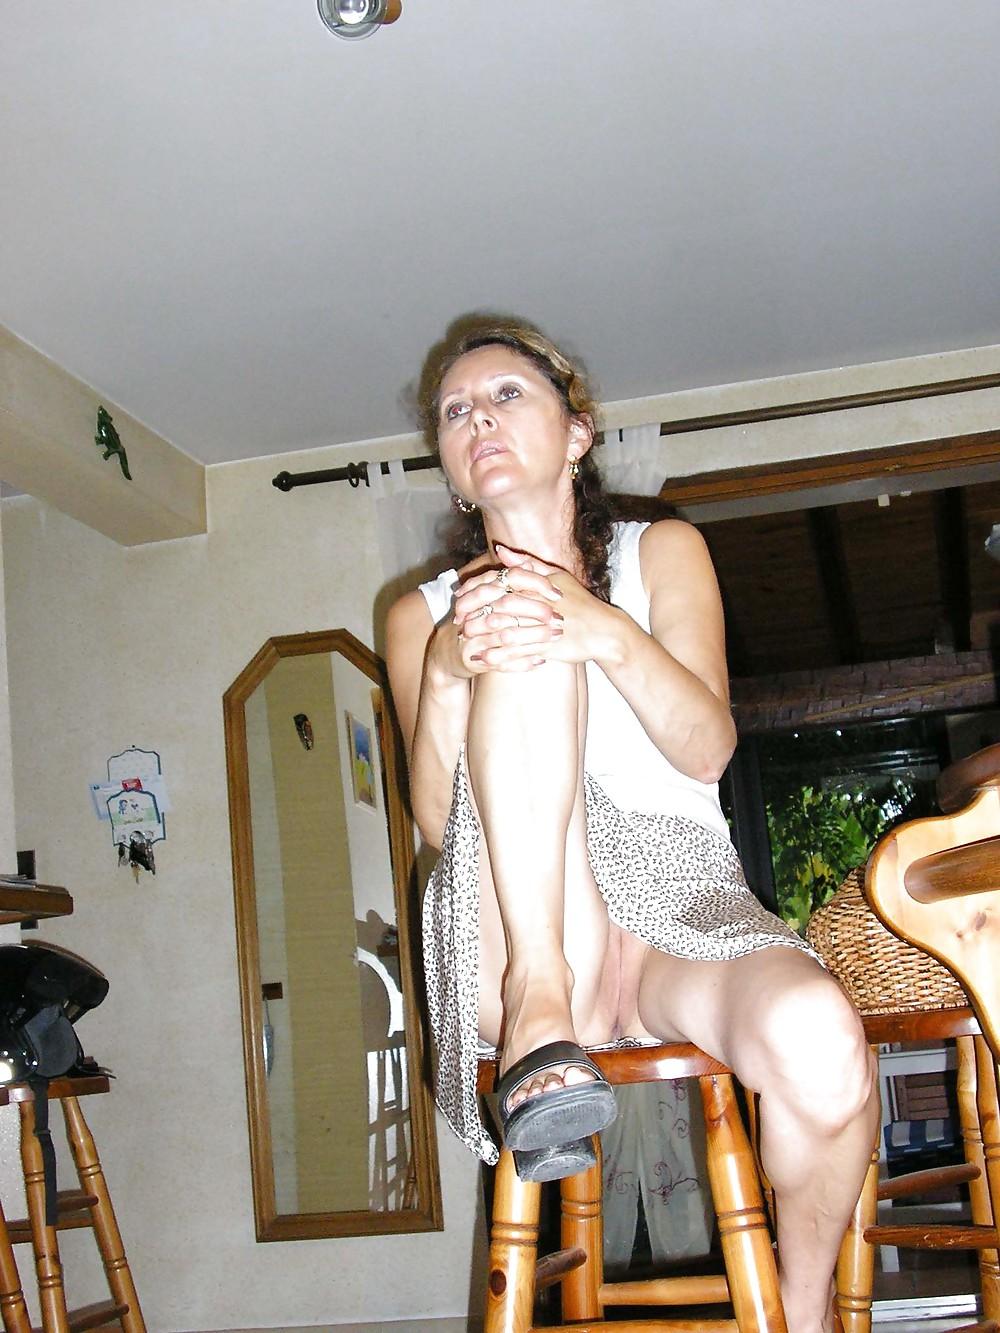 Русская жена любит ходить без трусиков, ебля спящих в сибири